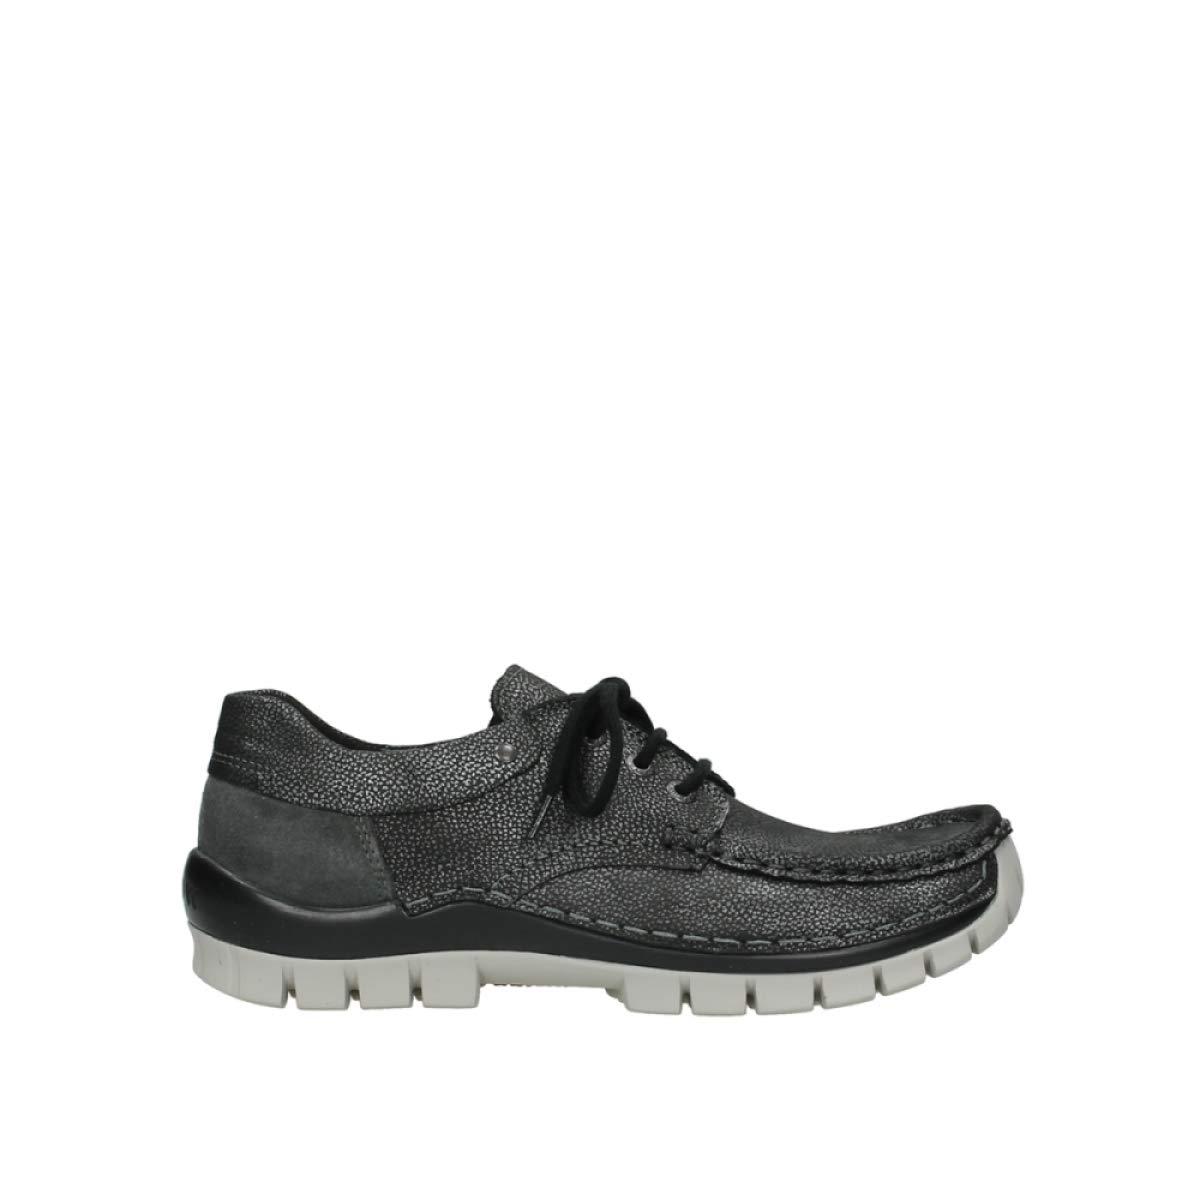 Wolky - Zapatos de Cordones para Mujer 41 EU Gris